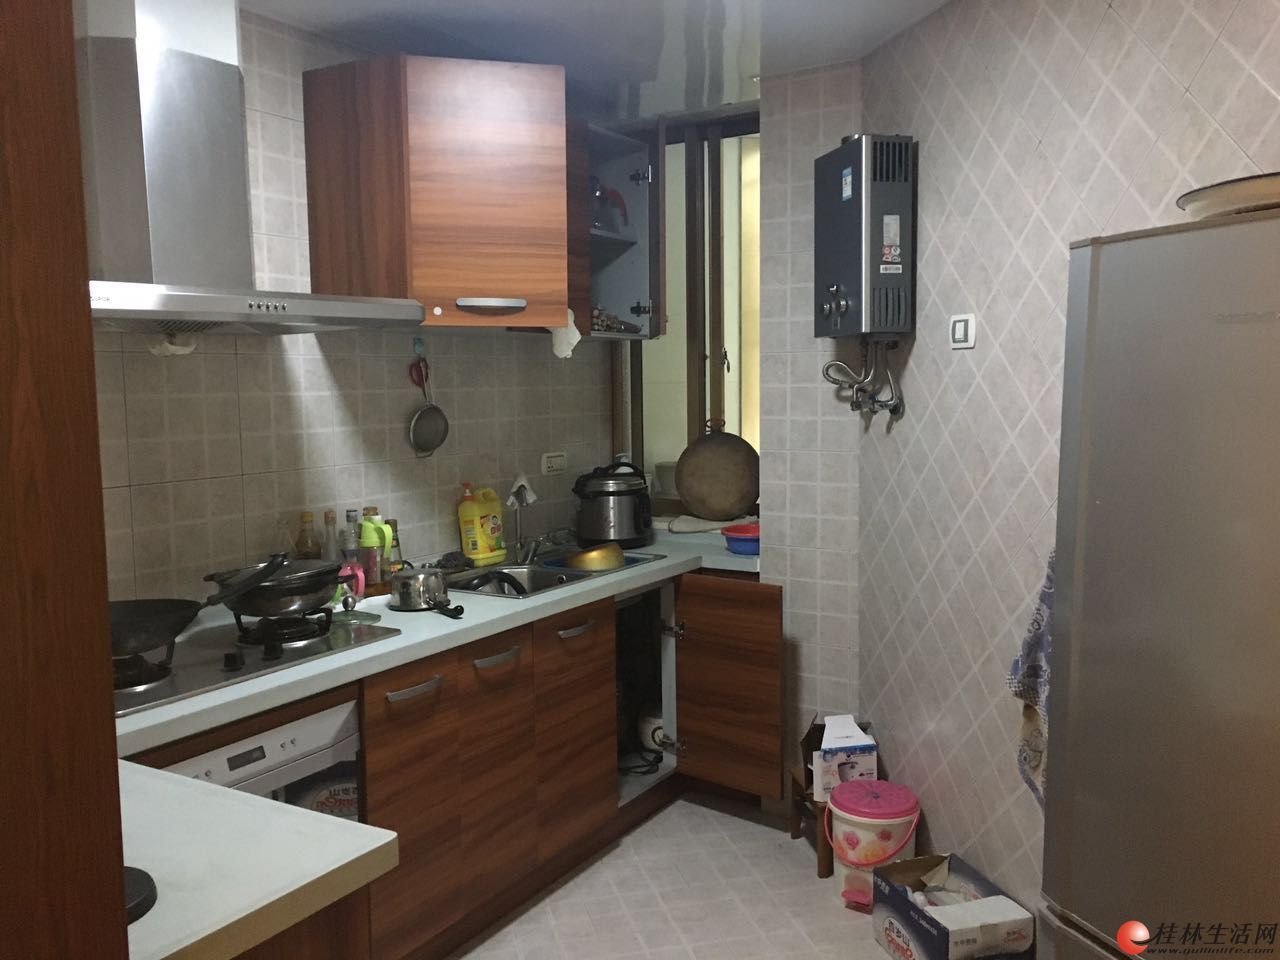 W邻近龙隐小学三里店公园绿涛湾 2室2厅1卫 74㎡